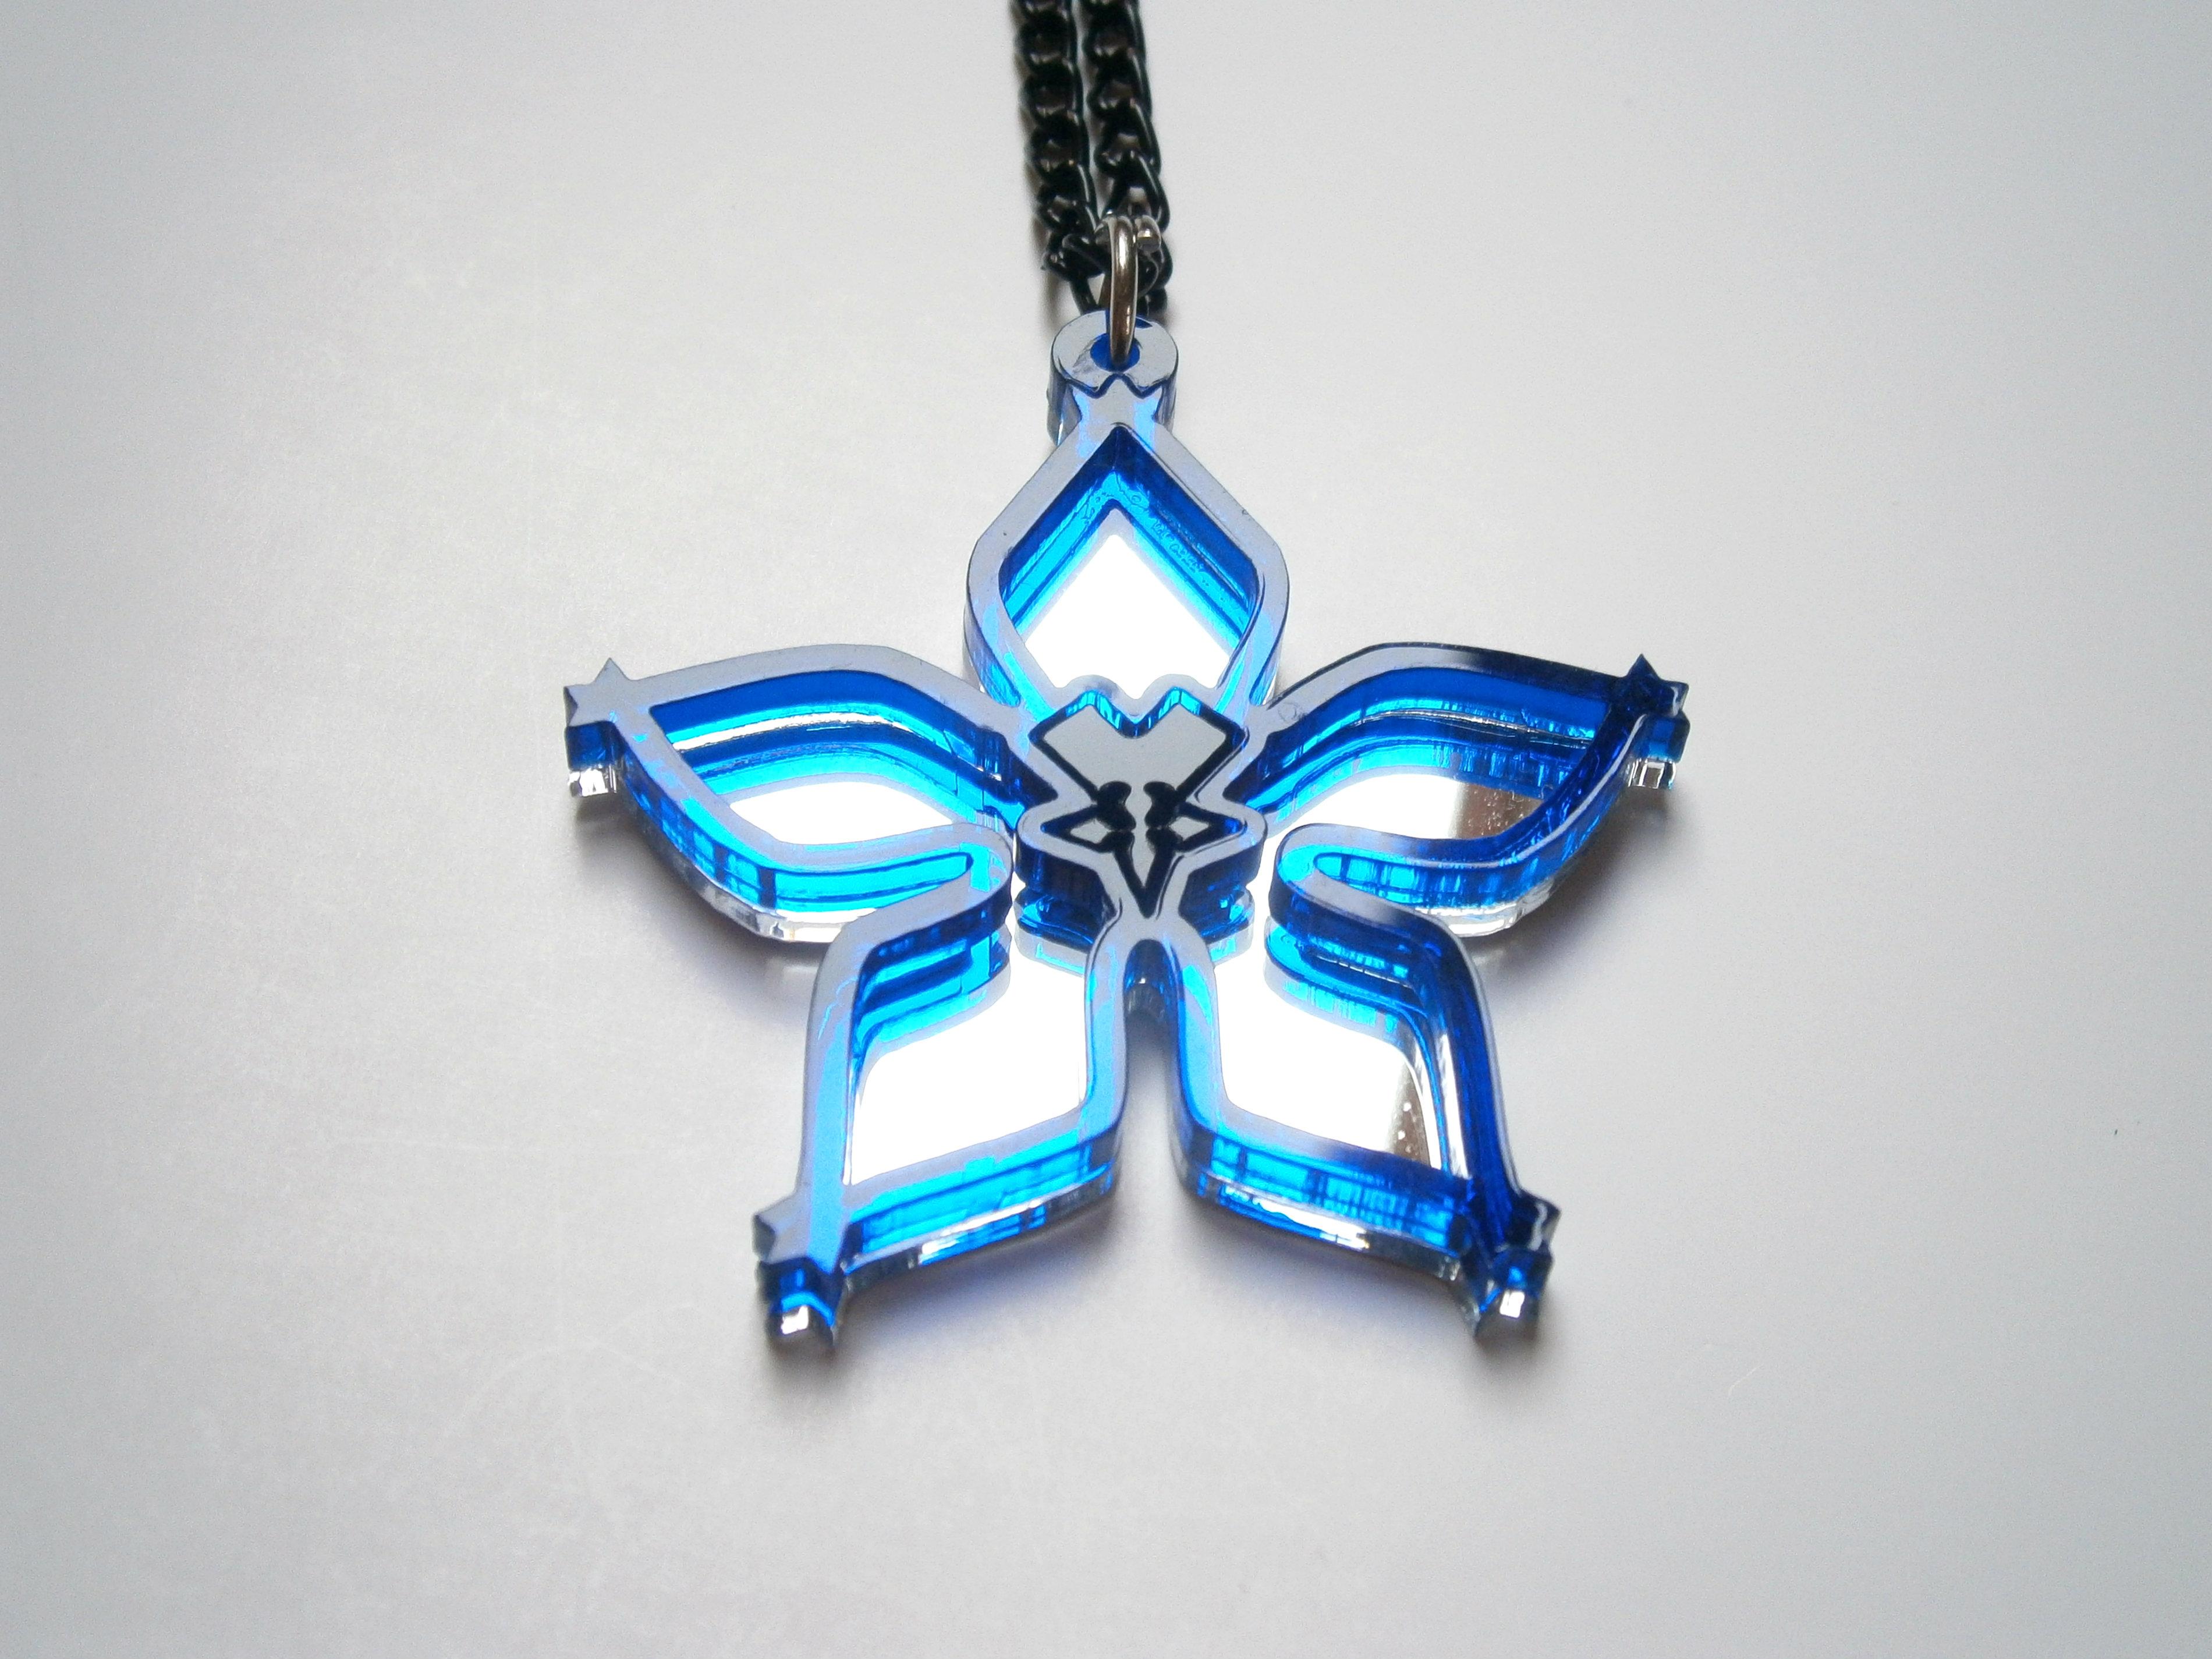 Wayfinder Necklace Kingdom Hearts Birth by Sleep Wayfinder